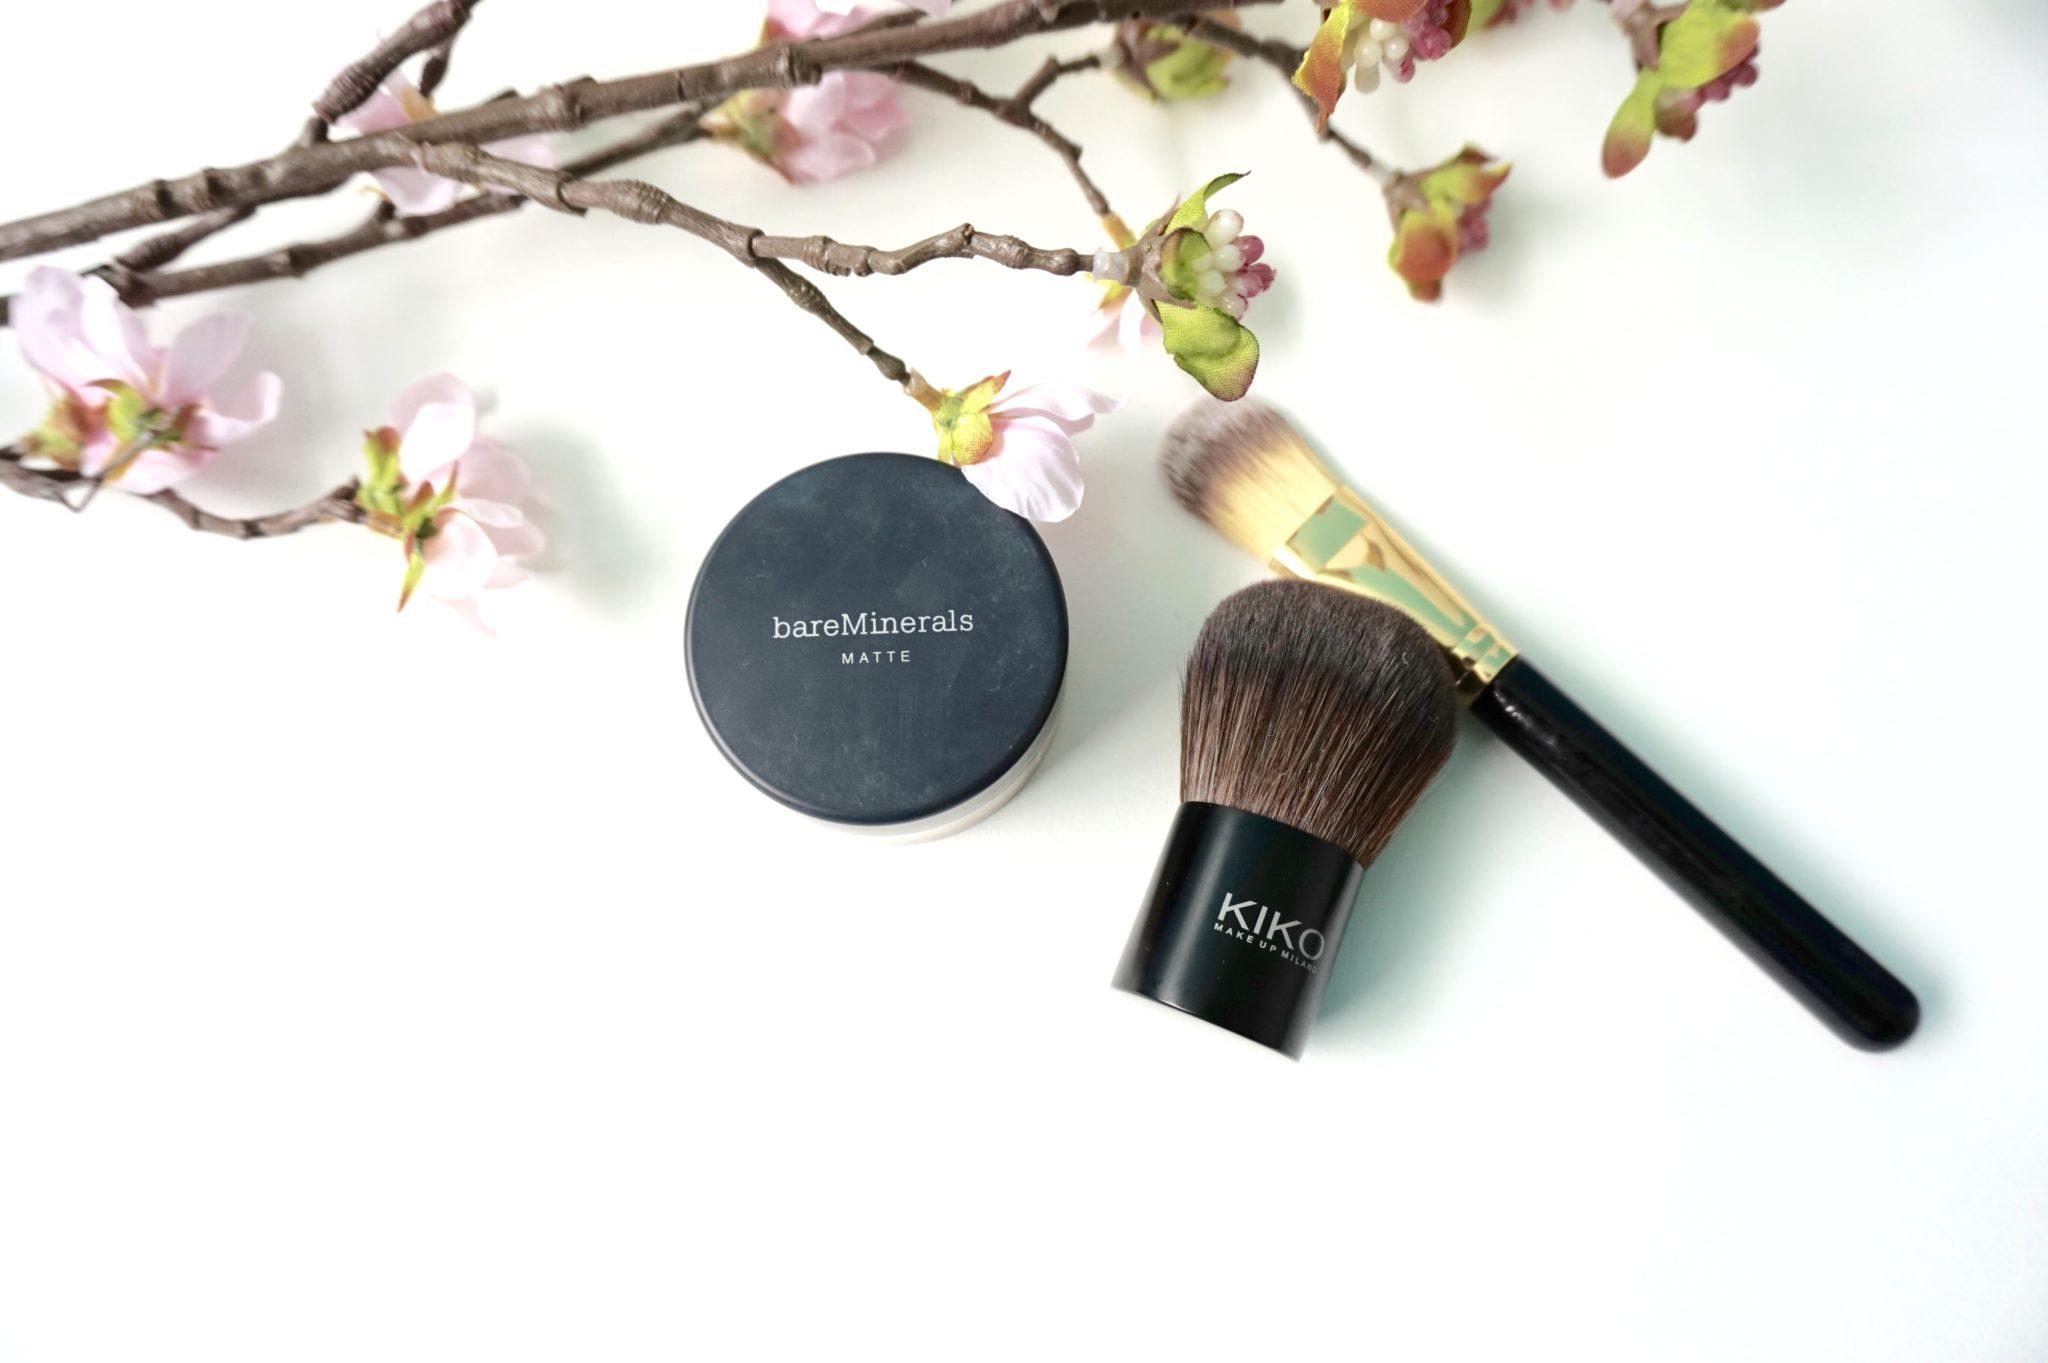 TUTO Maquillage : Appliquer un fond de teint poudre